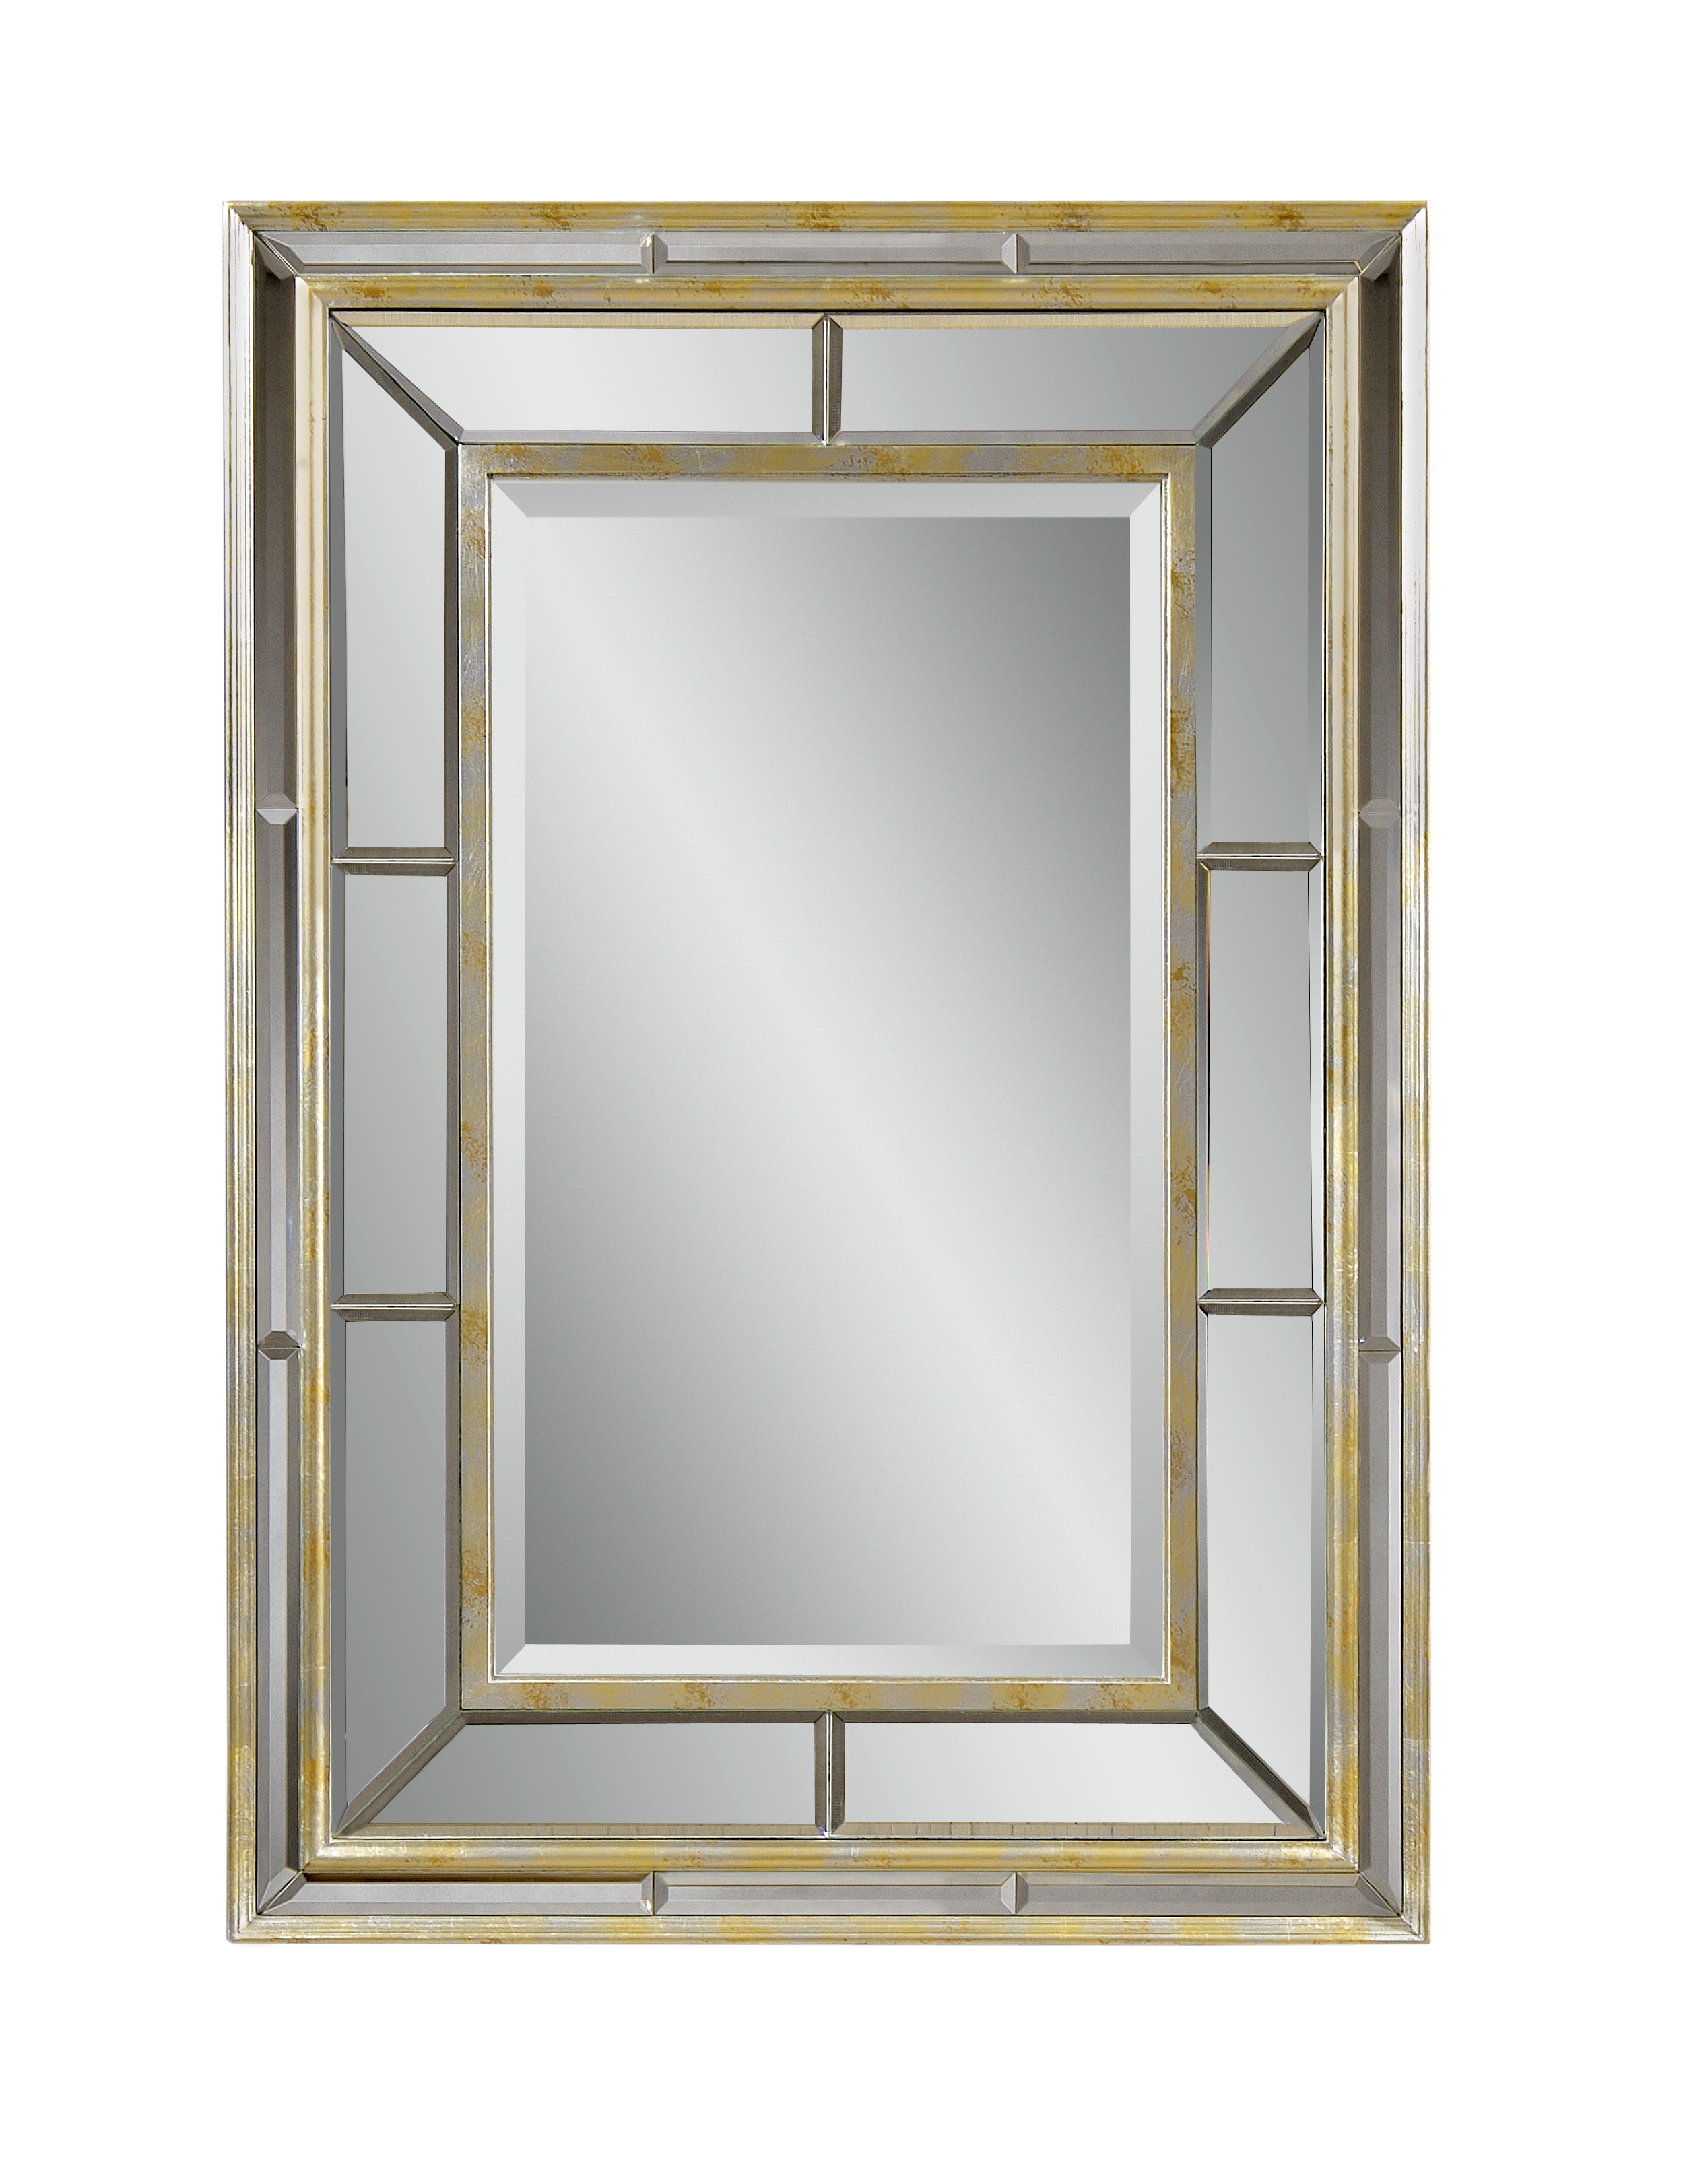 Tournasol Wall Mirror